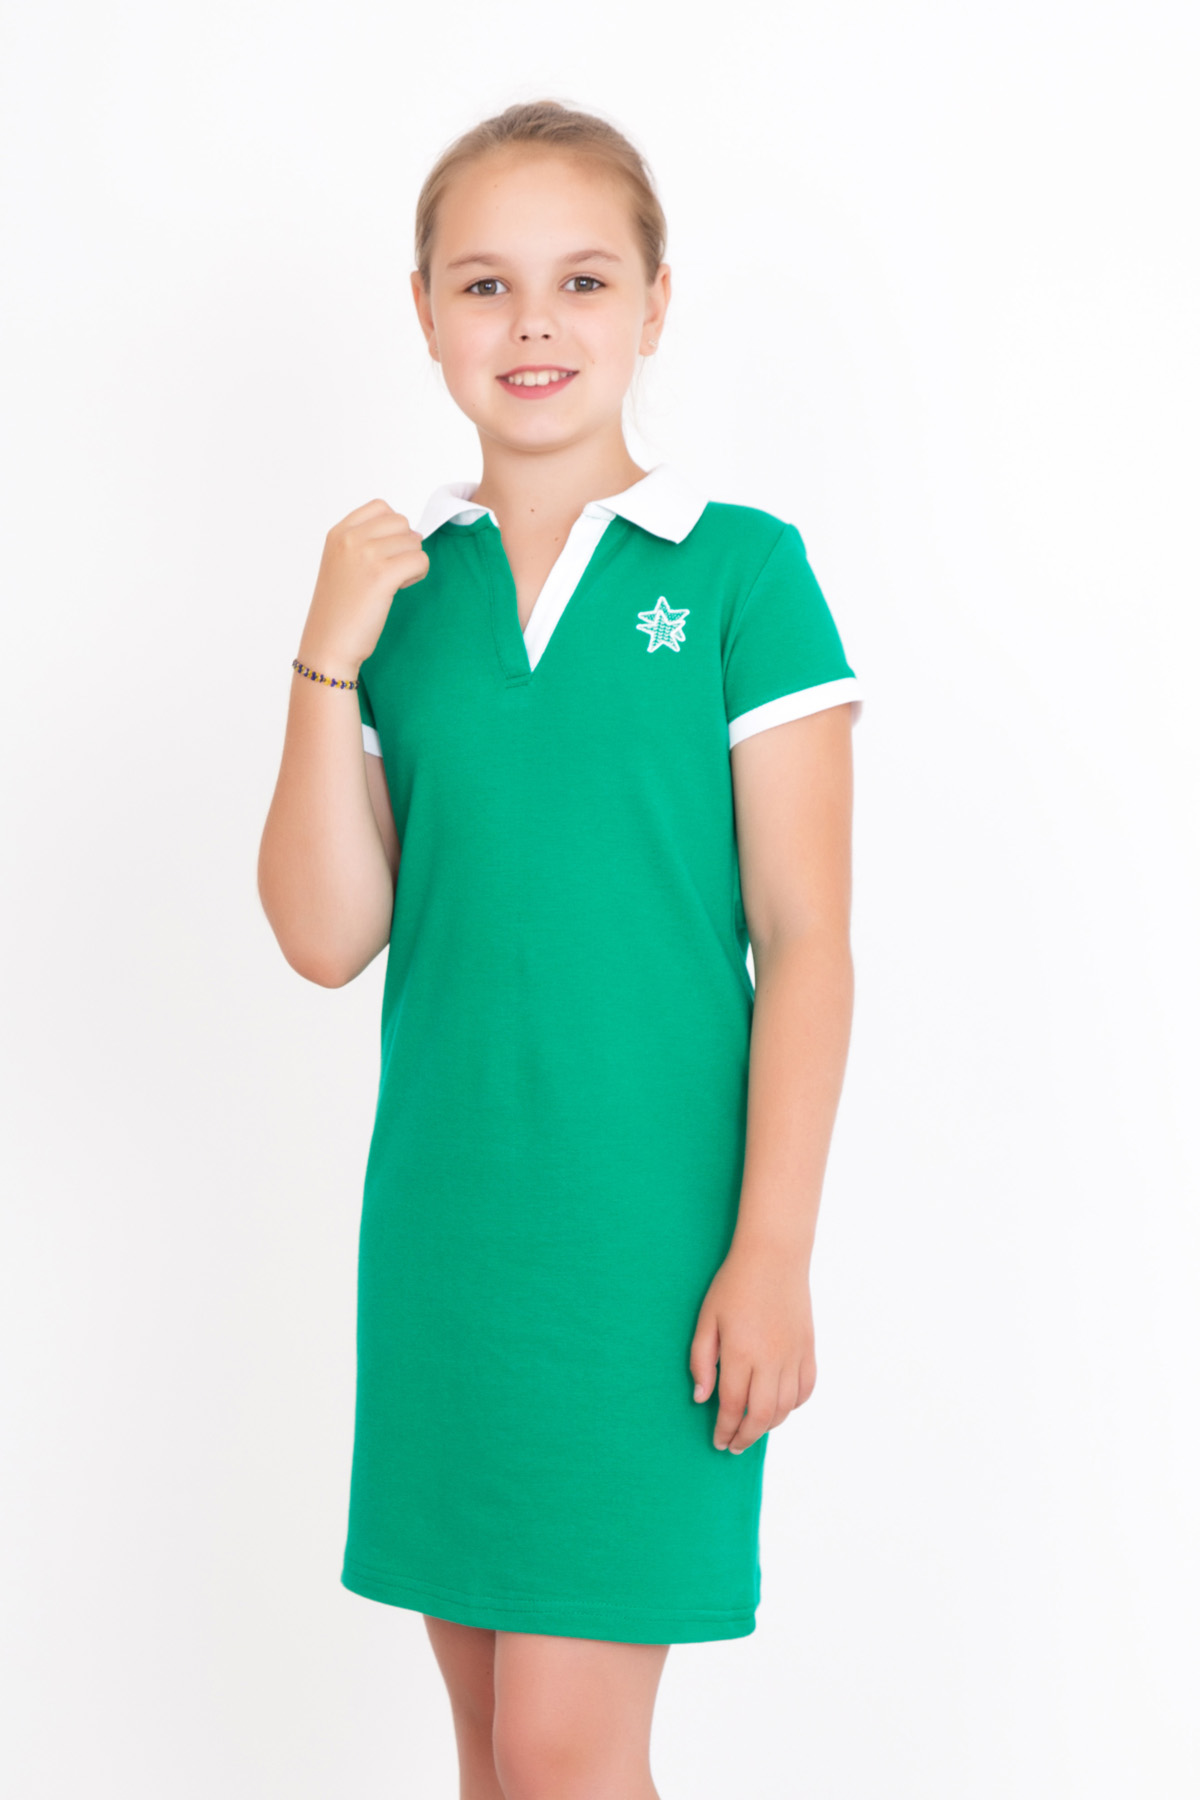 Купить со скидкой Дет. платье арт. 18-0126 Зеленый р. 32